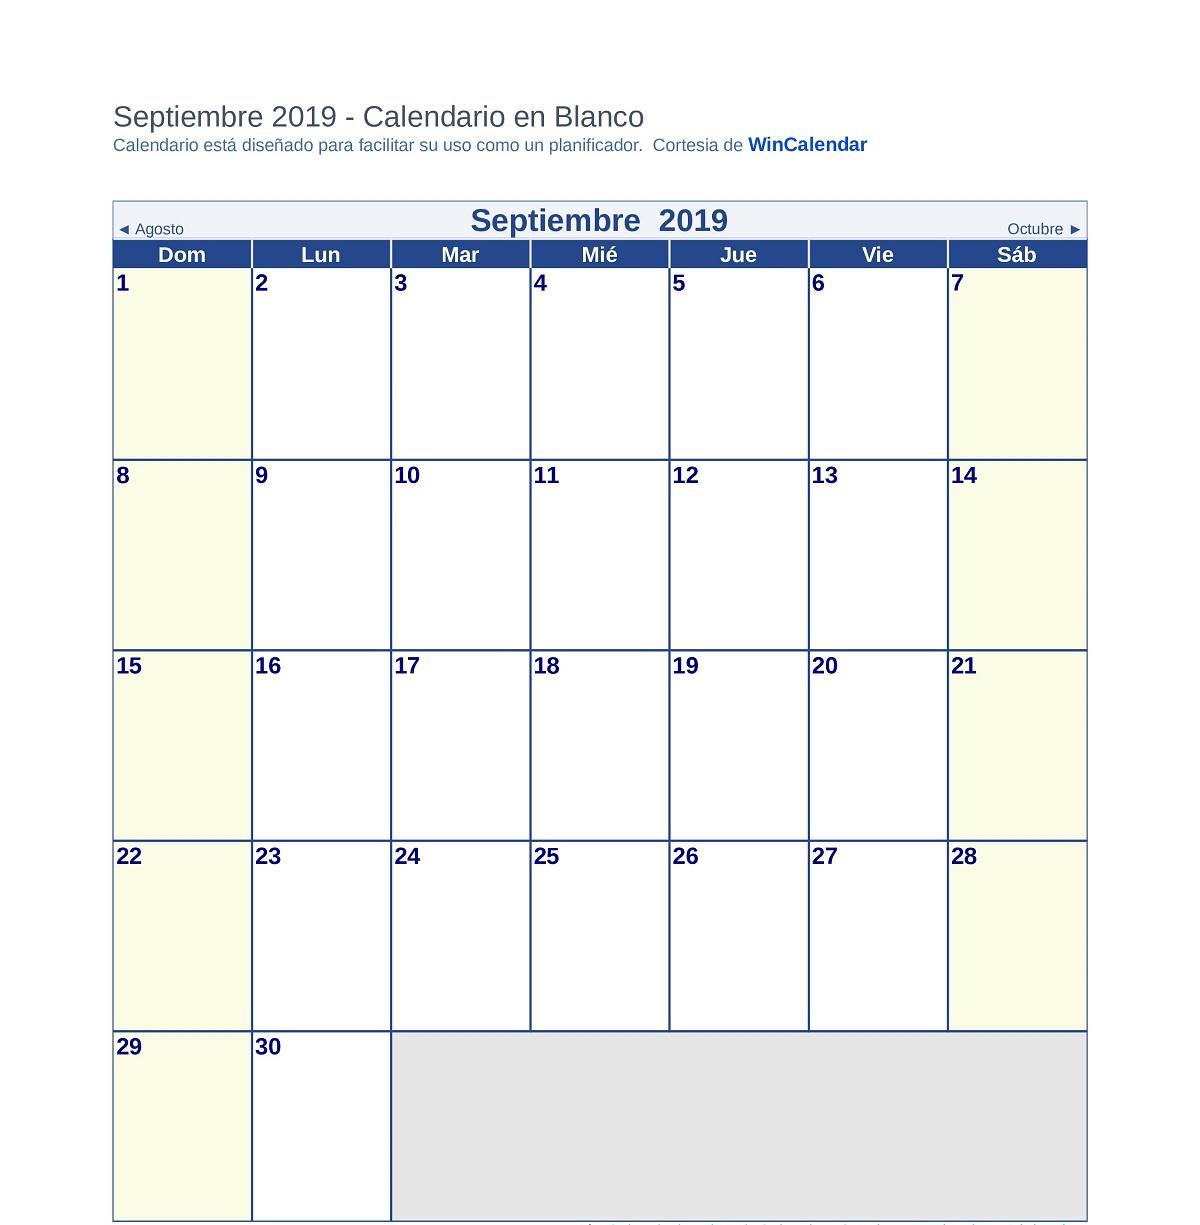 Calendario Escolar 2019 2020, Más De 100 Calendarios regarding Template Calendario Escolar 2020